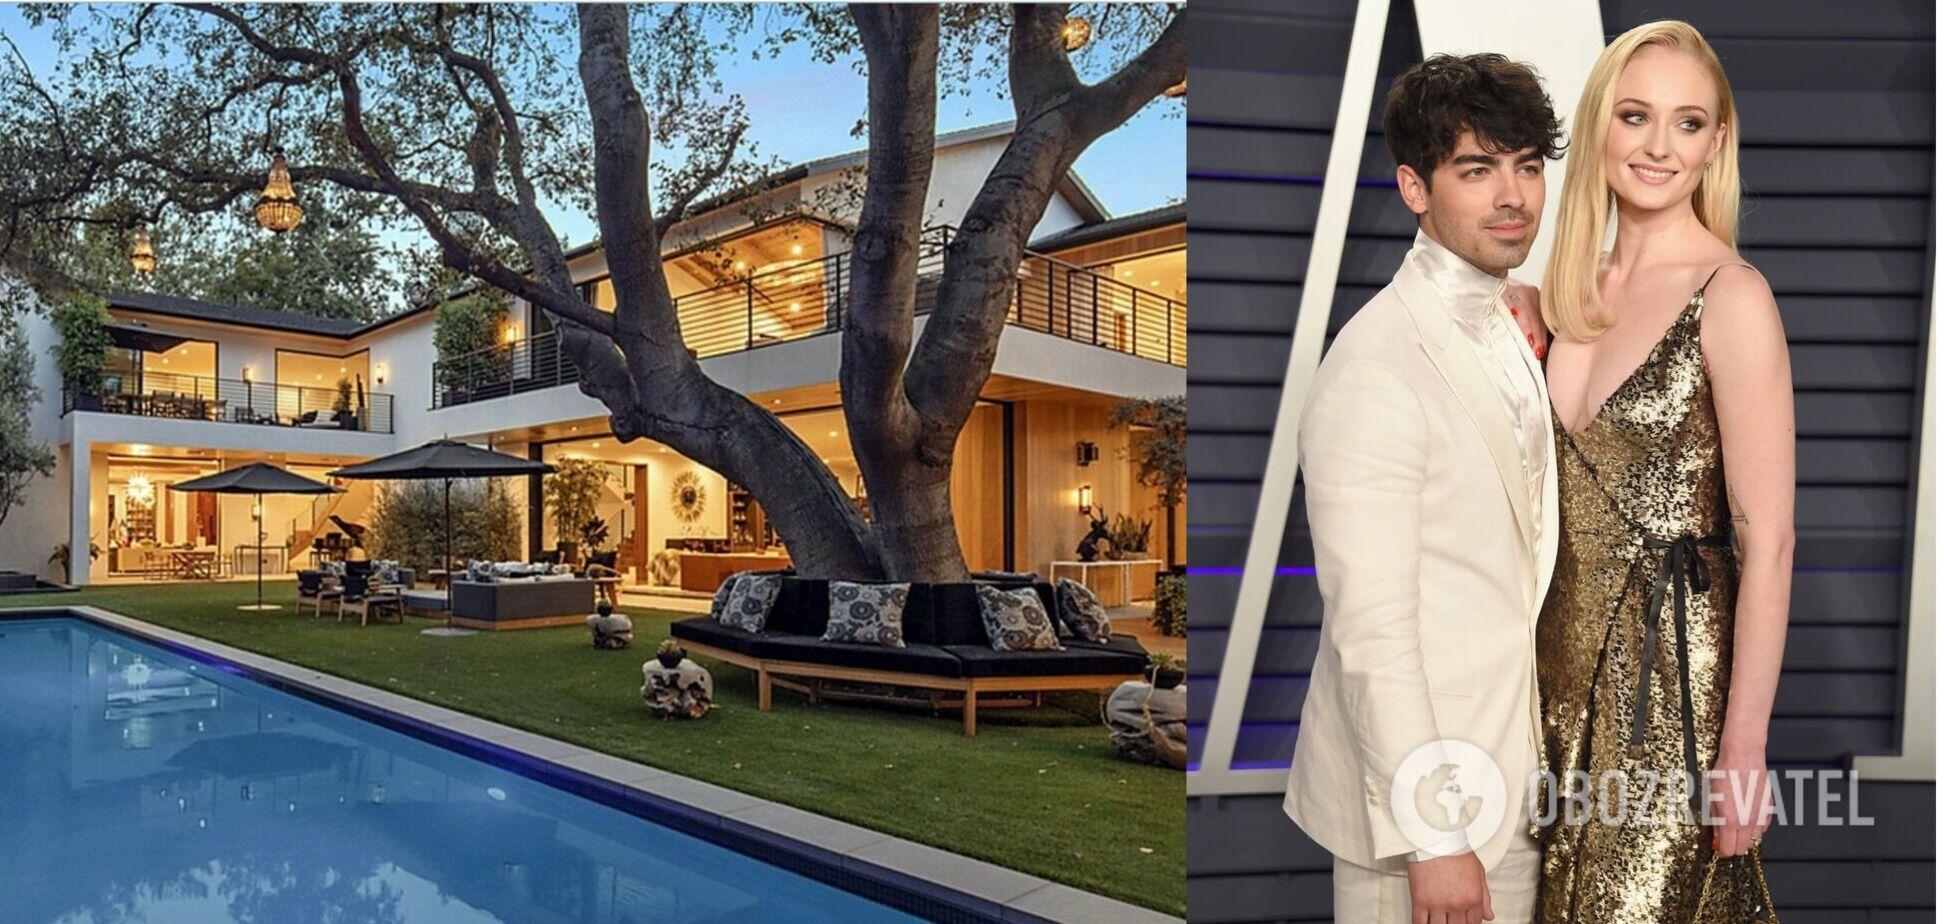 Звезда 'Игры престолов' продала дом за 15 млн долларов: как он выглядит изнутри. Фото